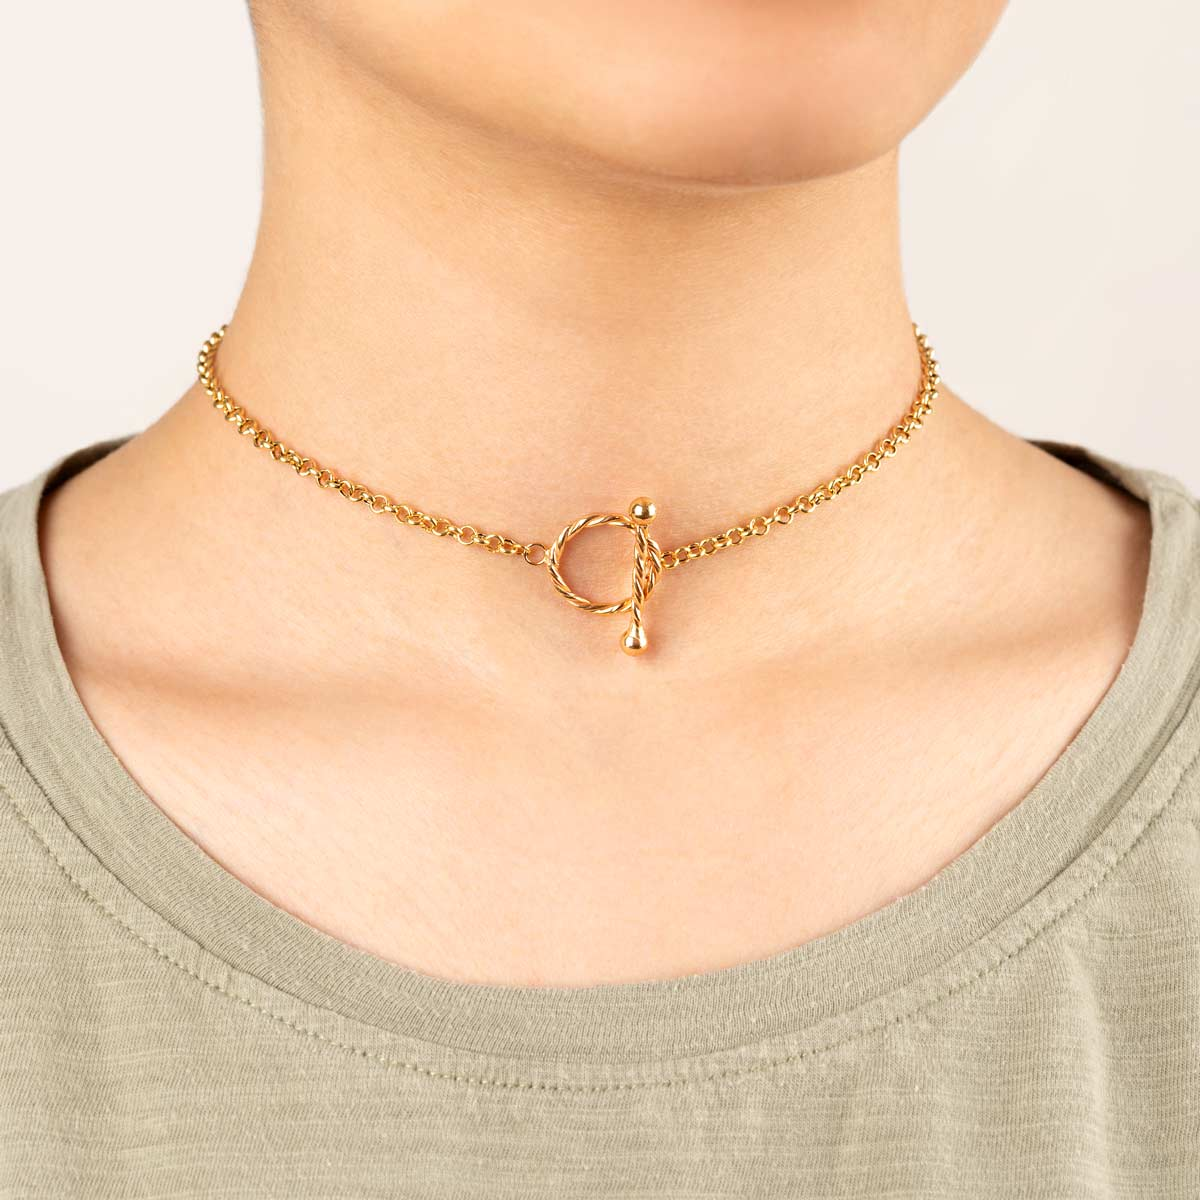 گردنبند طلا رولو و قفل دایره پیچ